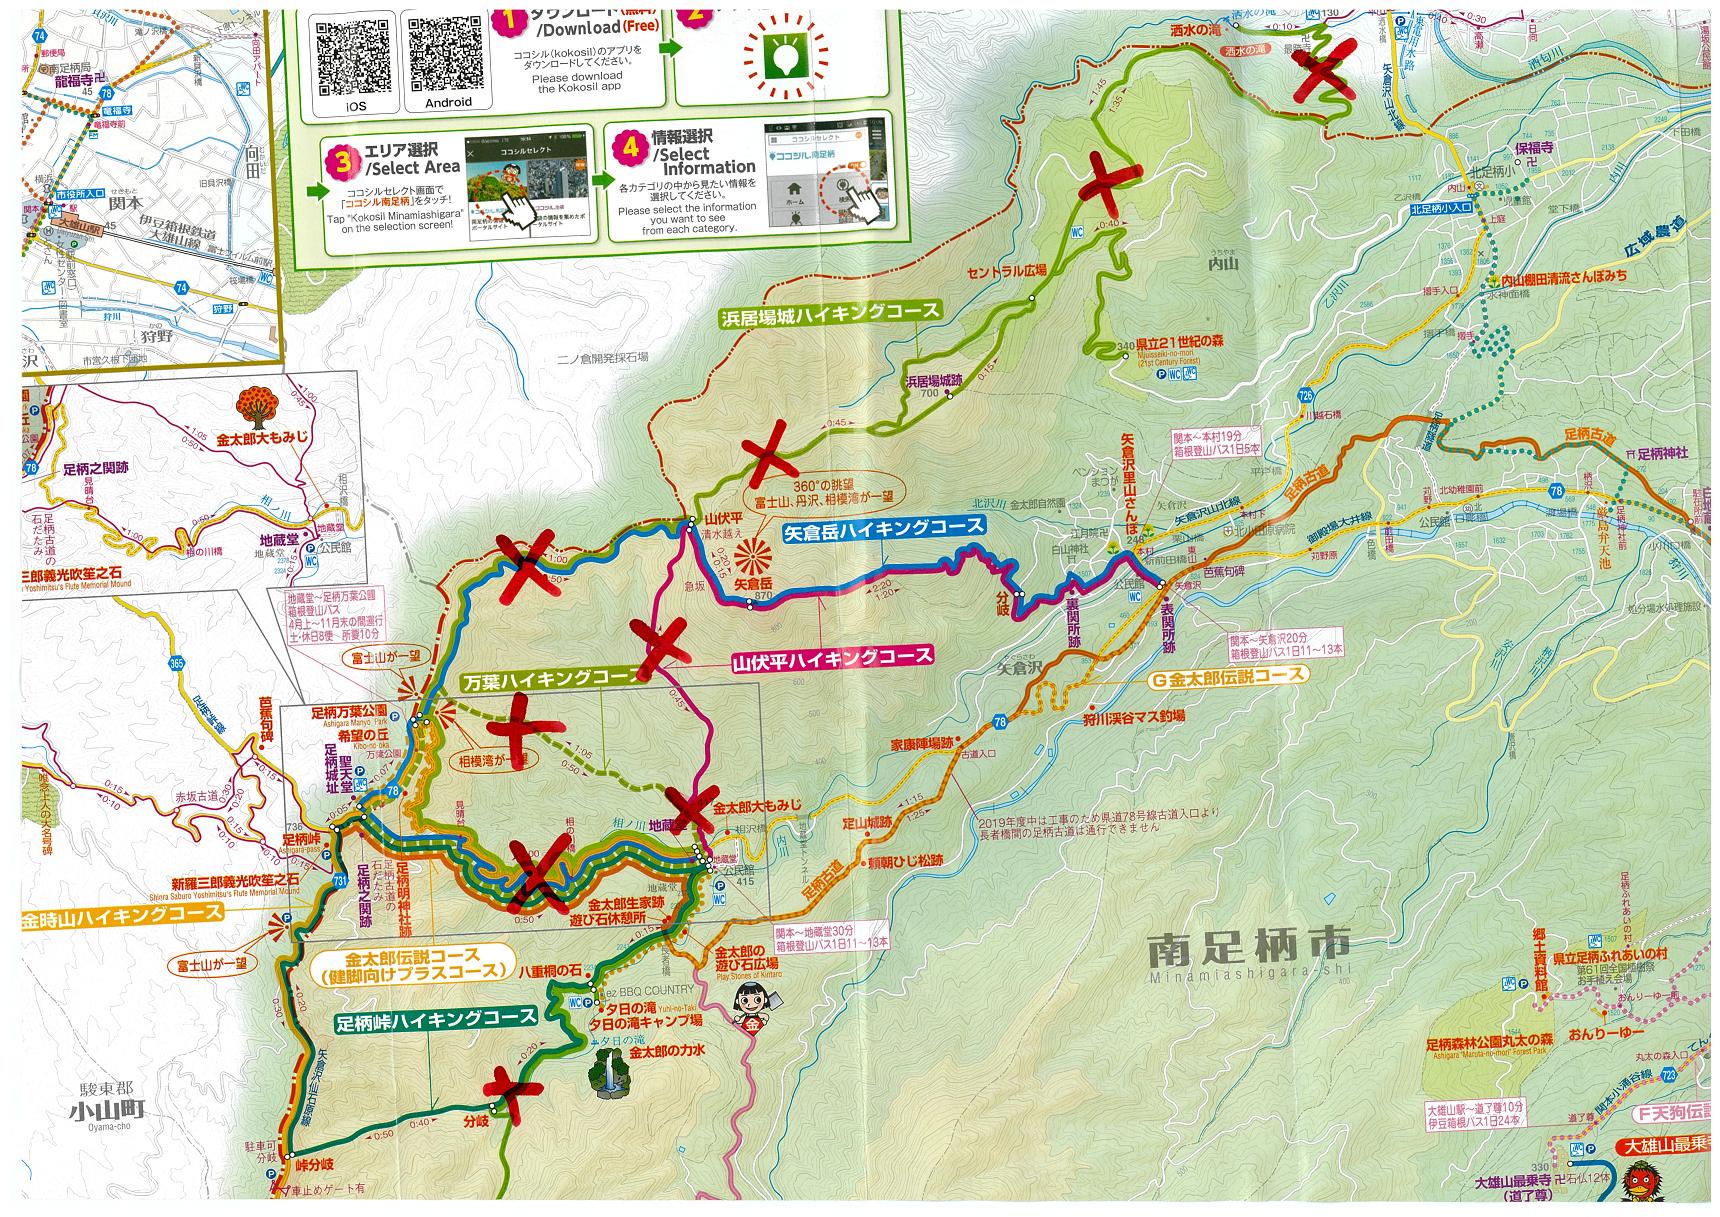 ハイキングコース通行止めマップ